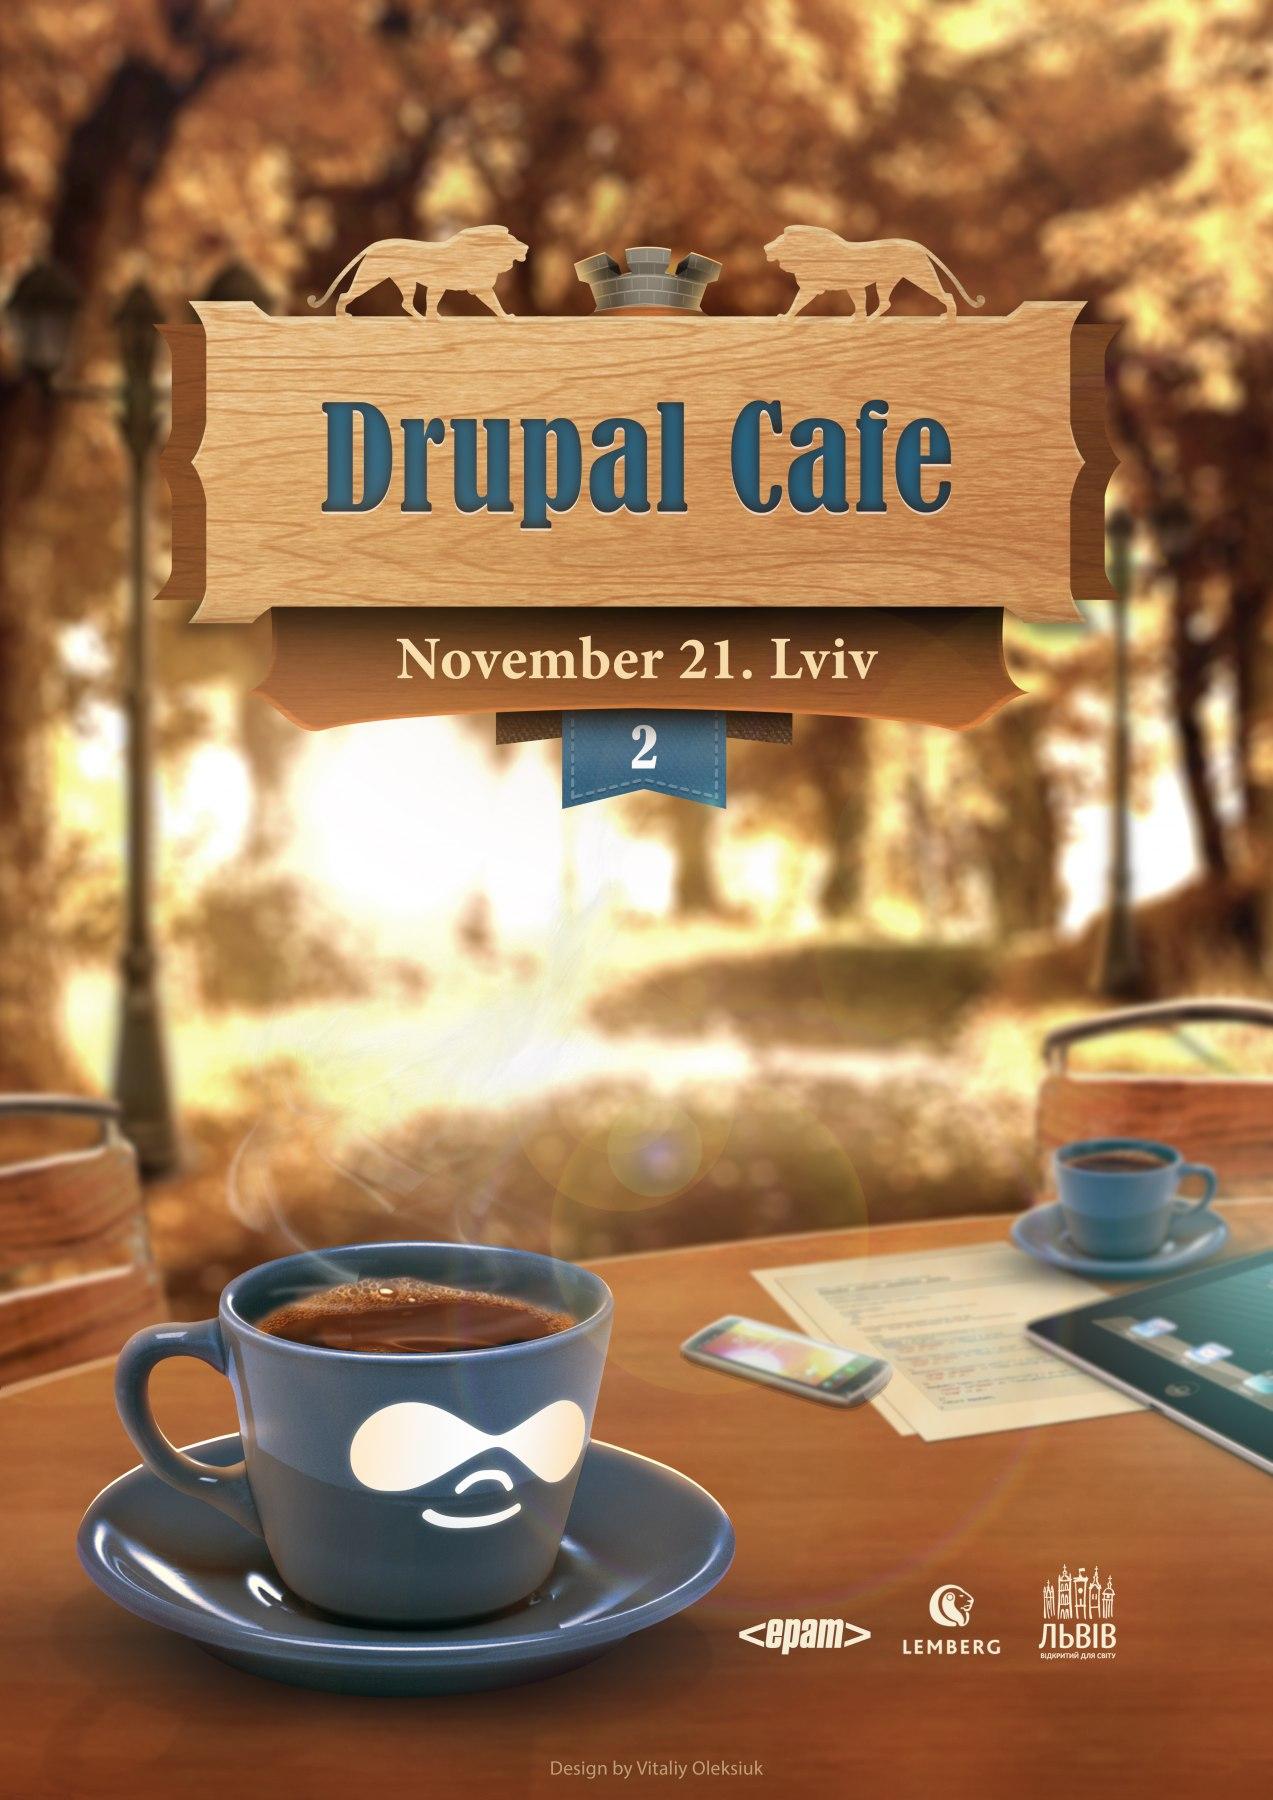 Drupal Cafe Lviv